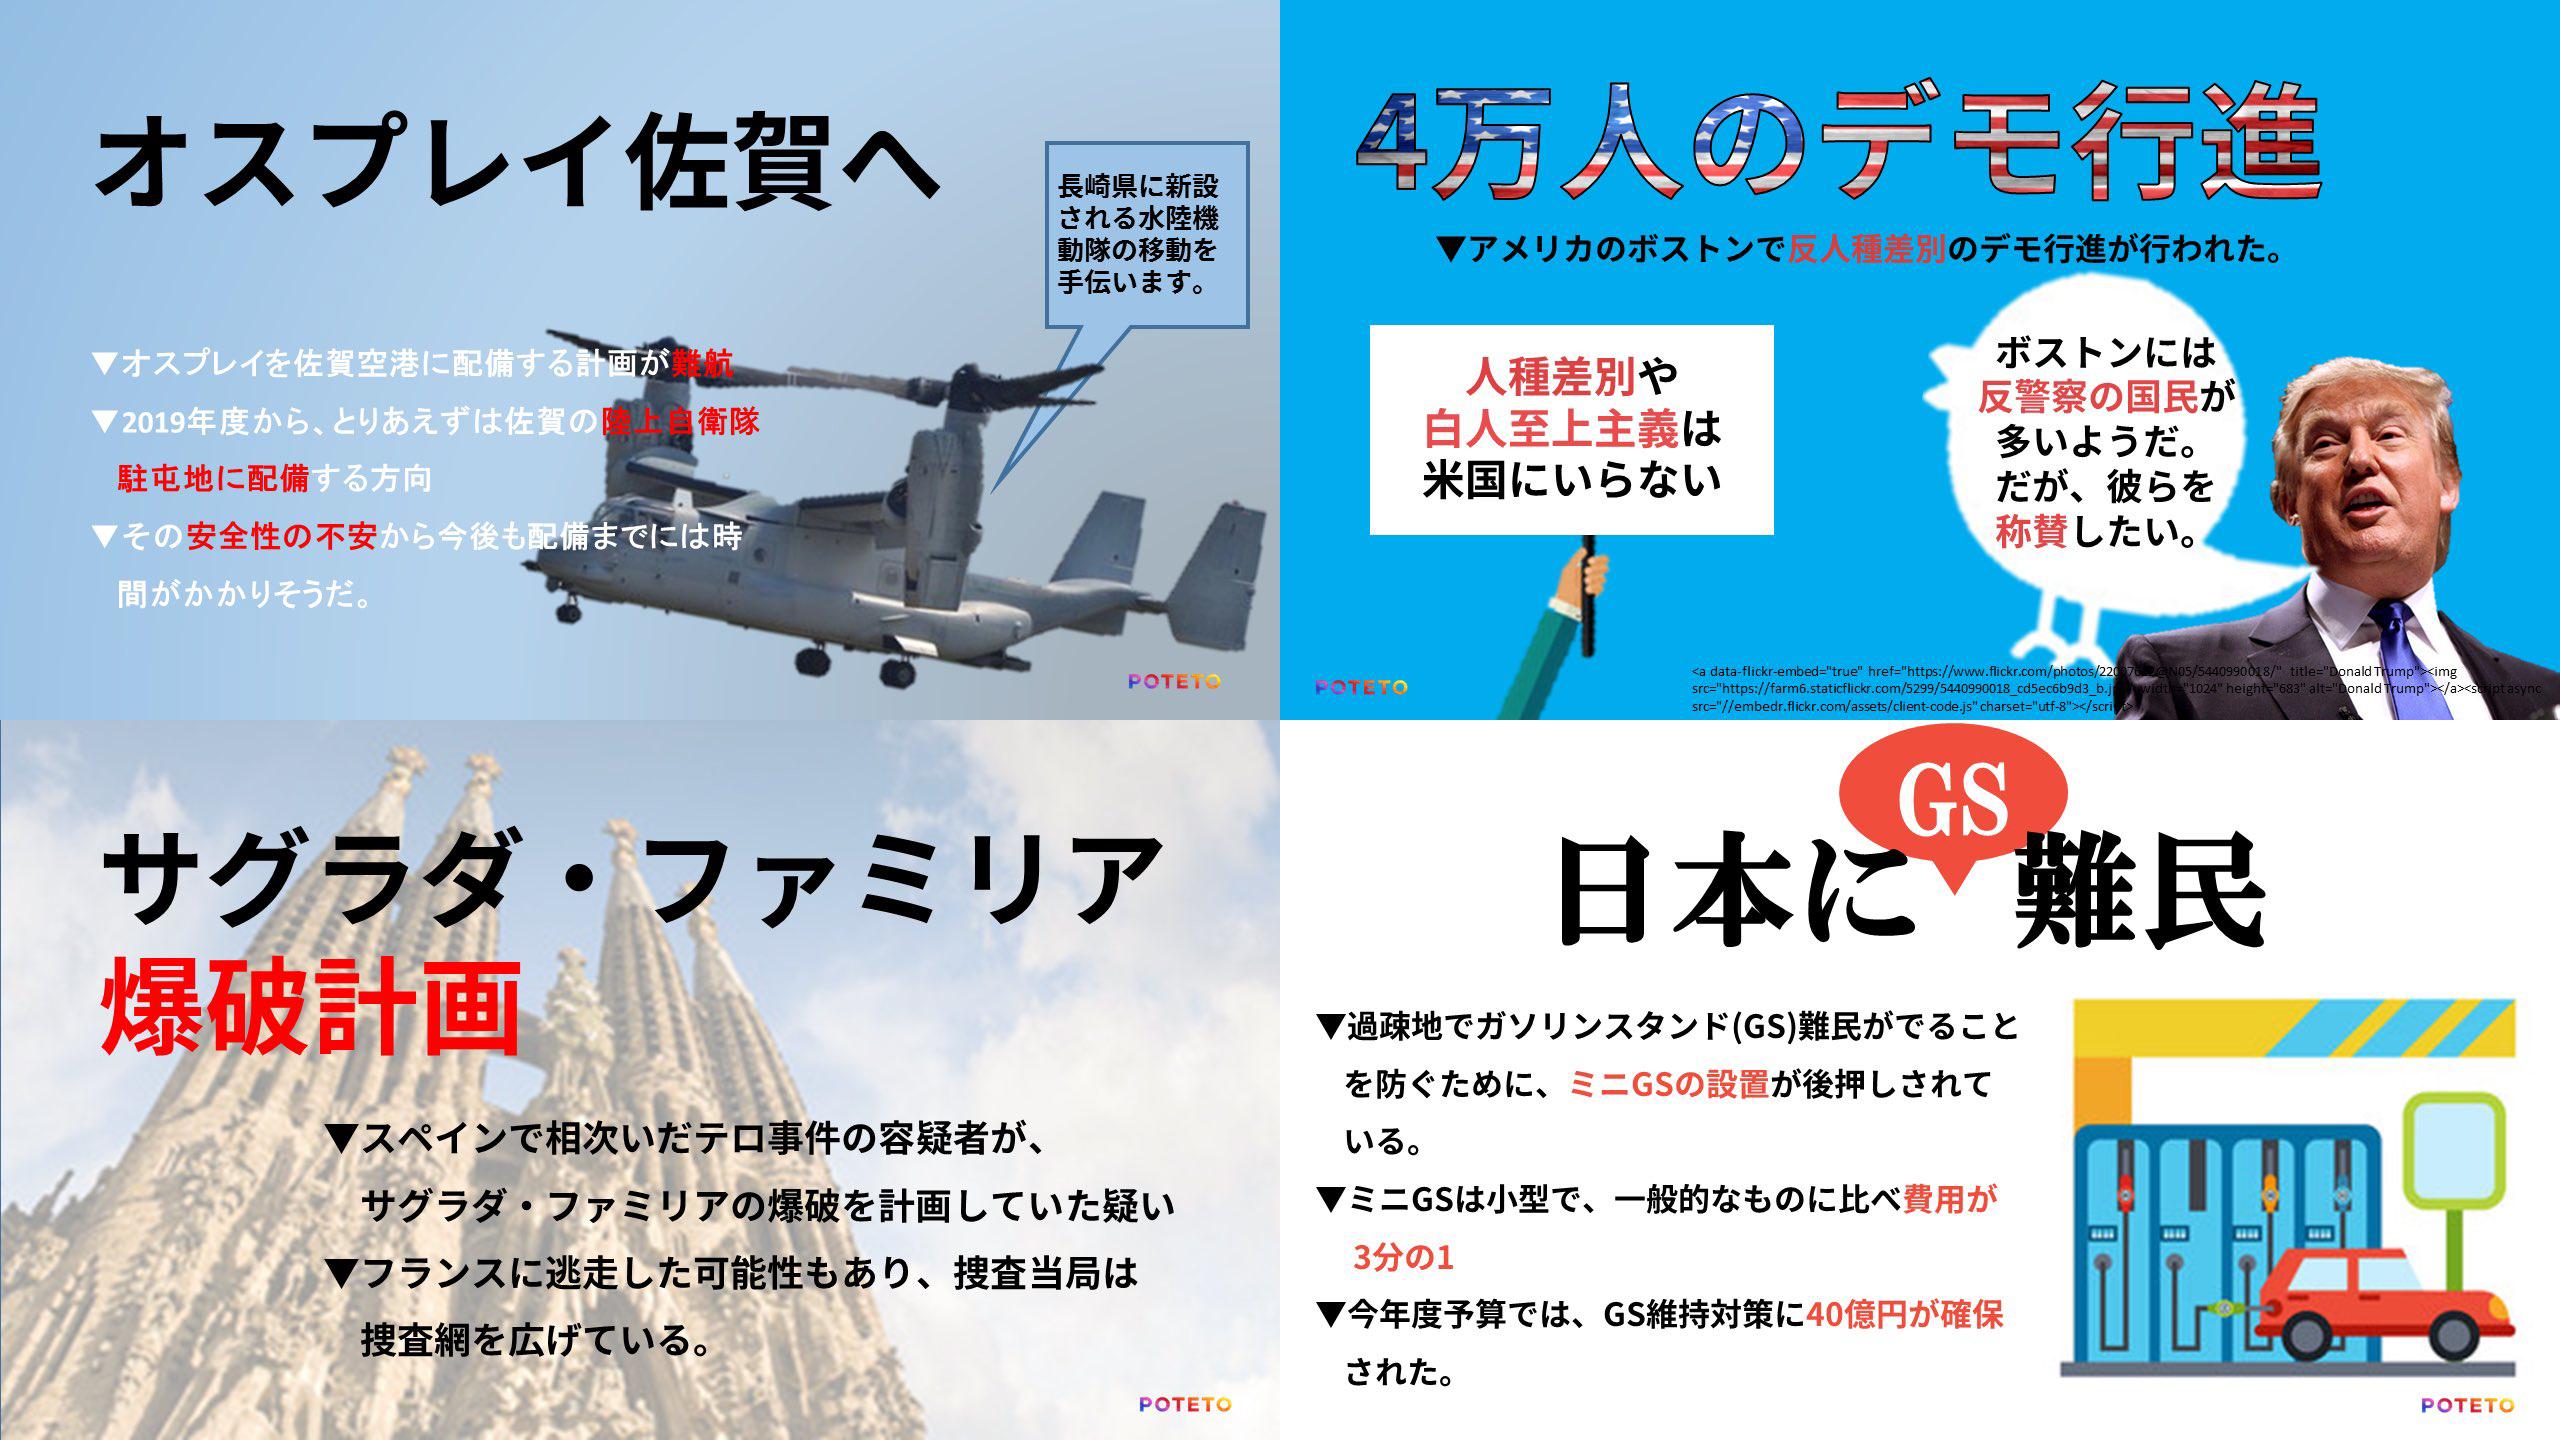 20170821 - 2017.08.21<br>読売新聞のイチメンニュース